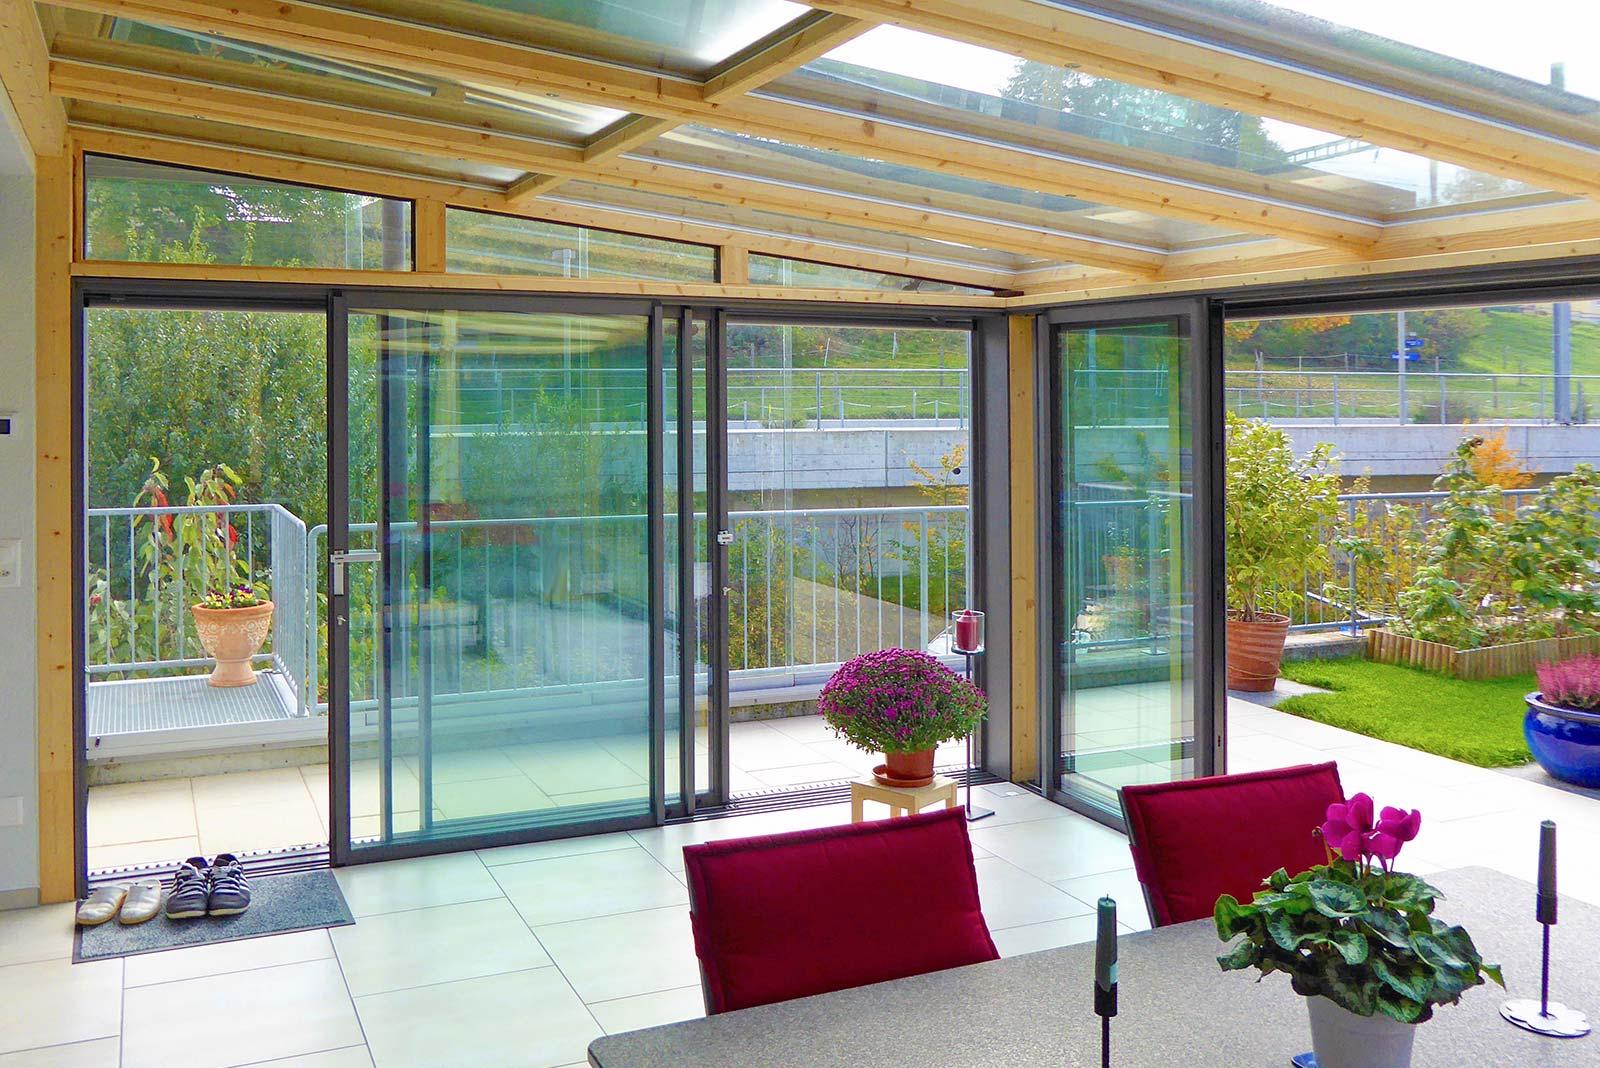 poele a bois dans veranda sortie de ville charmante maison ancienne vranda salle manger avec. Black Bedroom Furniture Sets. Home Design Ideas